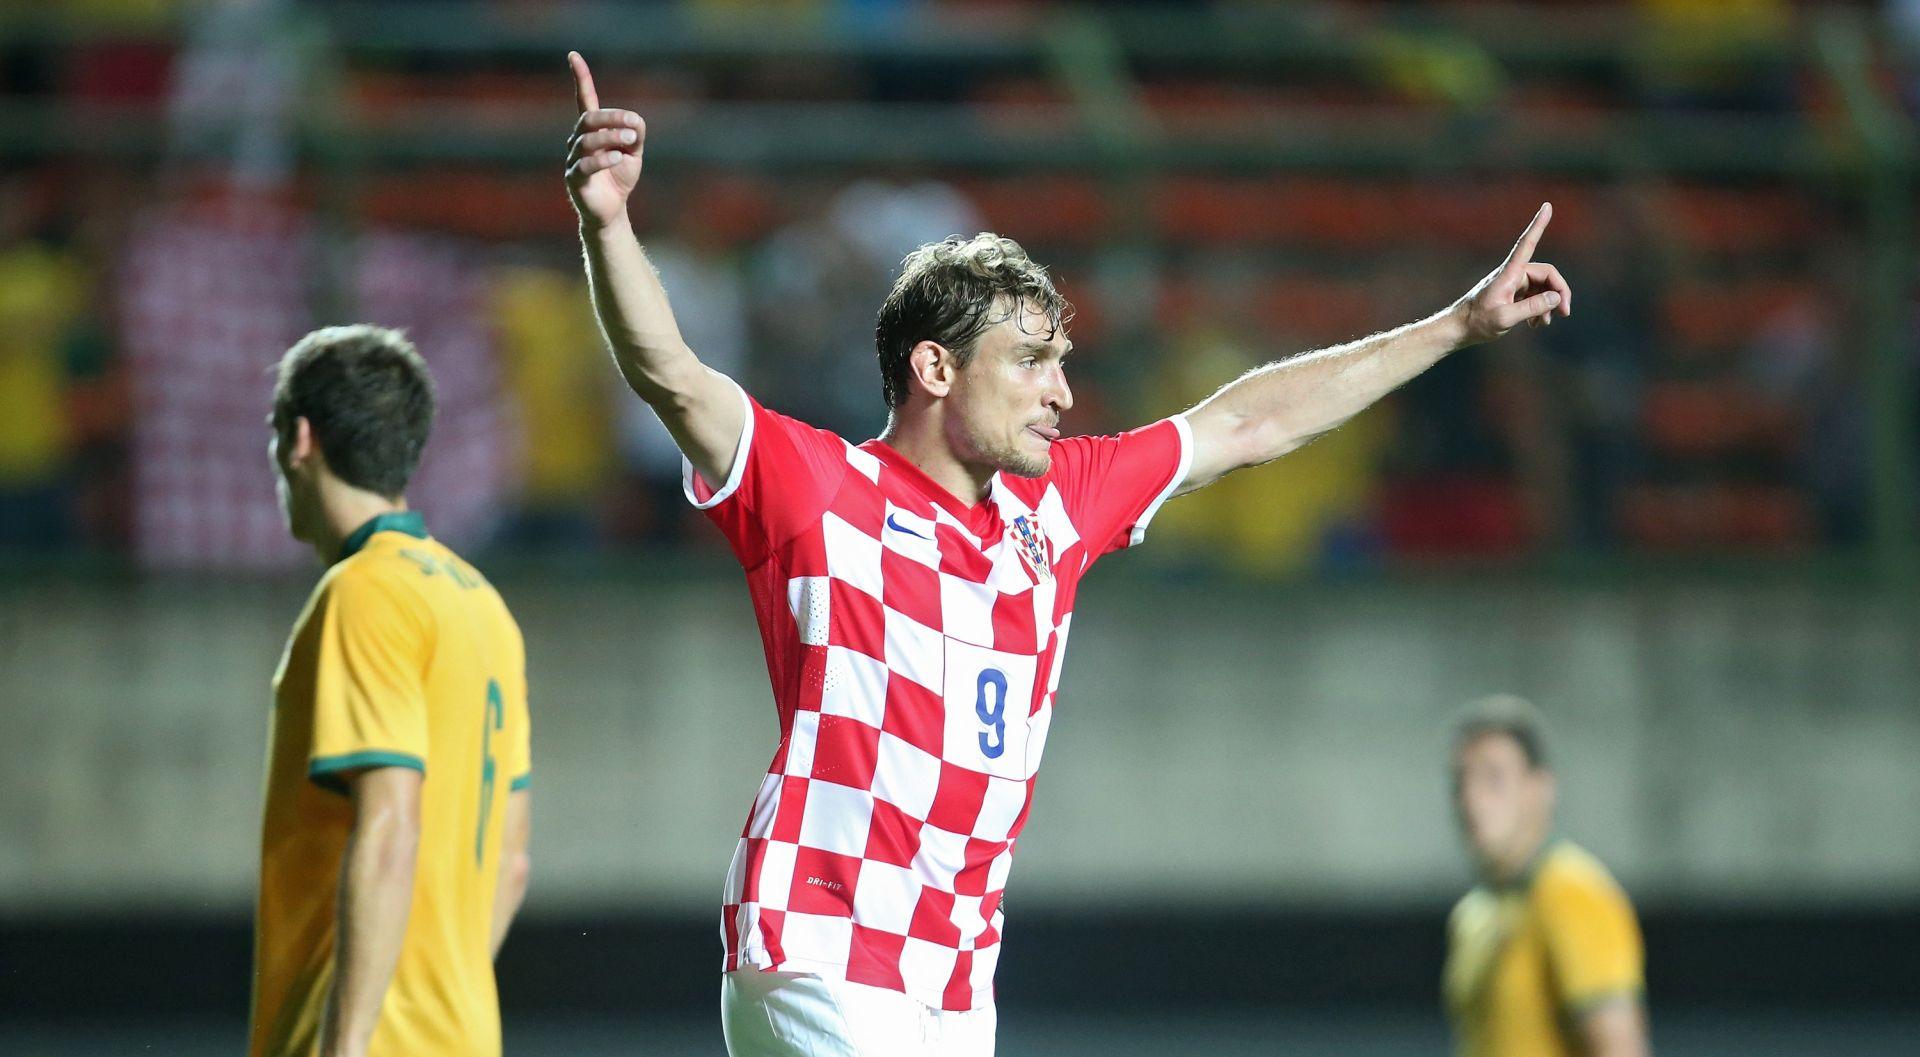 PONOVNO ZAJEDNO Nikica Jelavić nadomak transferu u West Ham